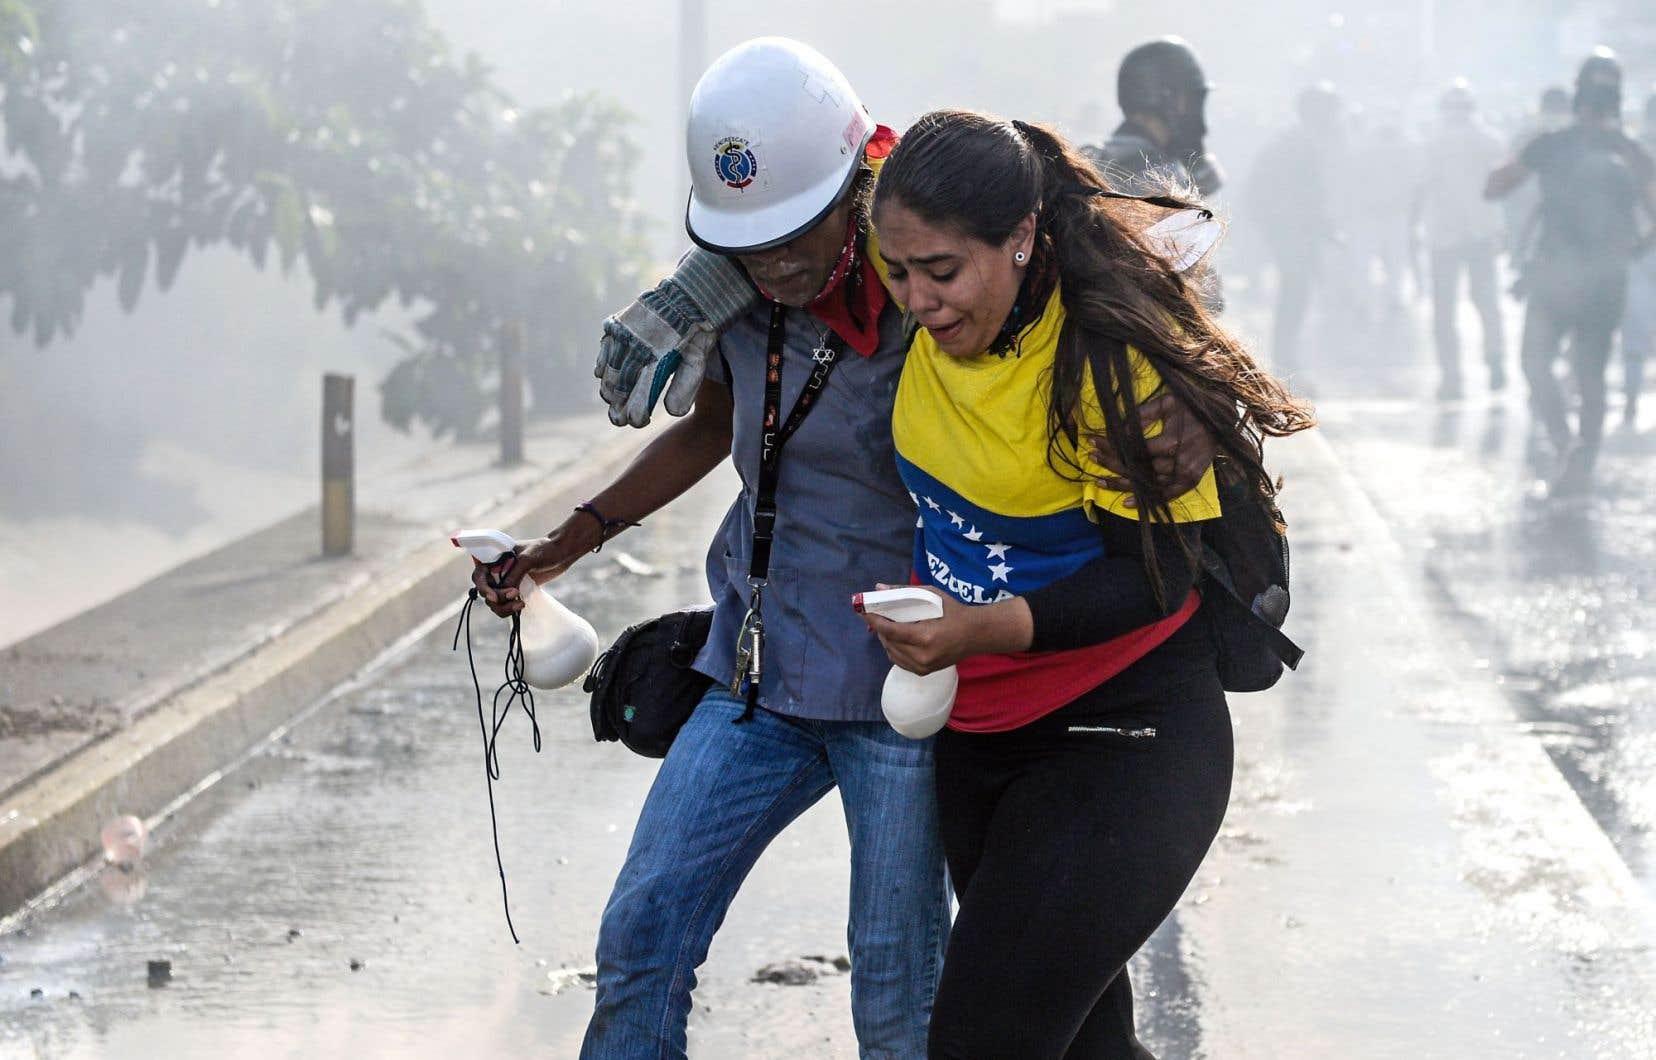 Deux opposants à Maduro après une manifestation cette semaine à Caracas. L'auteur rappelle que l'Amérique latine a déjà connu trop d'interventions militaires effectuées sous des prétextes humanitaires mais qui «n'ont jamais servi que les intérêts impérialistes».